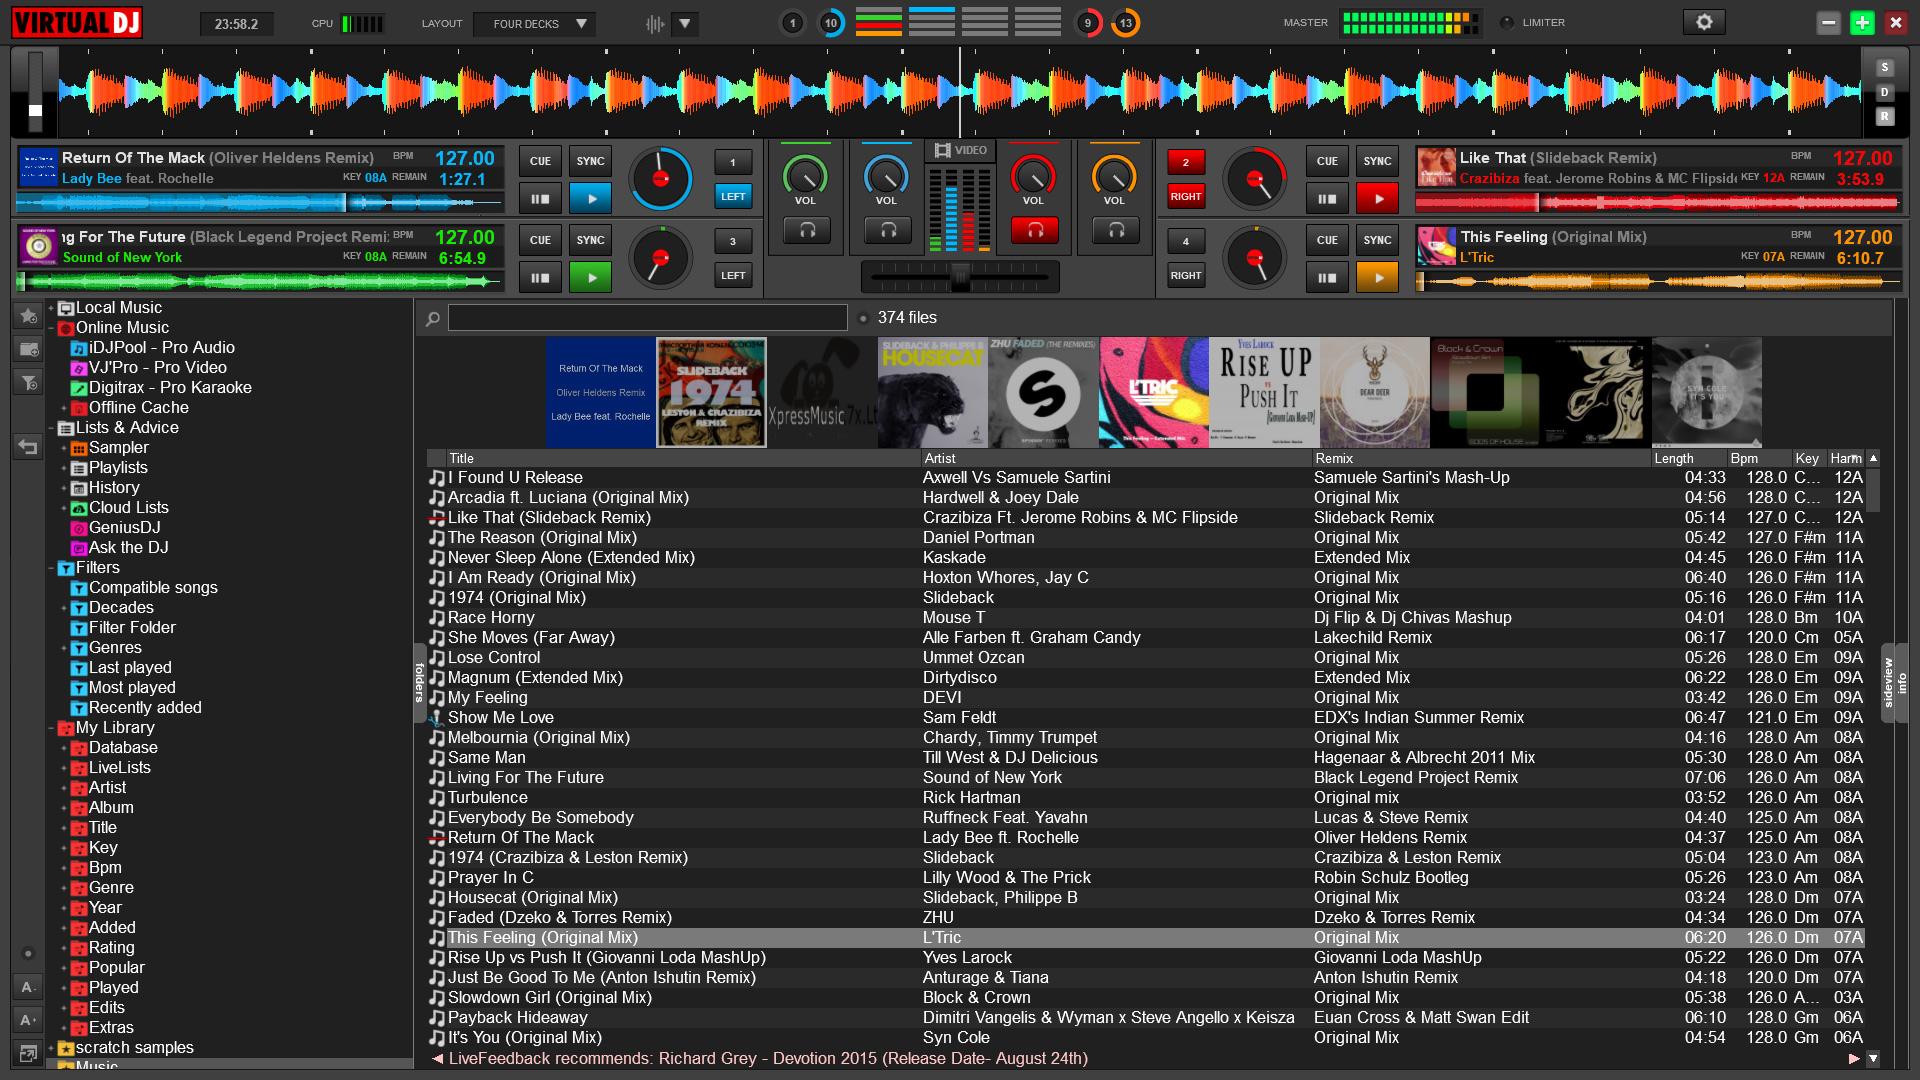 VIRTUAL DJ WORK CONTROLLERS